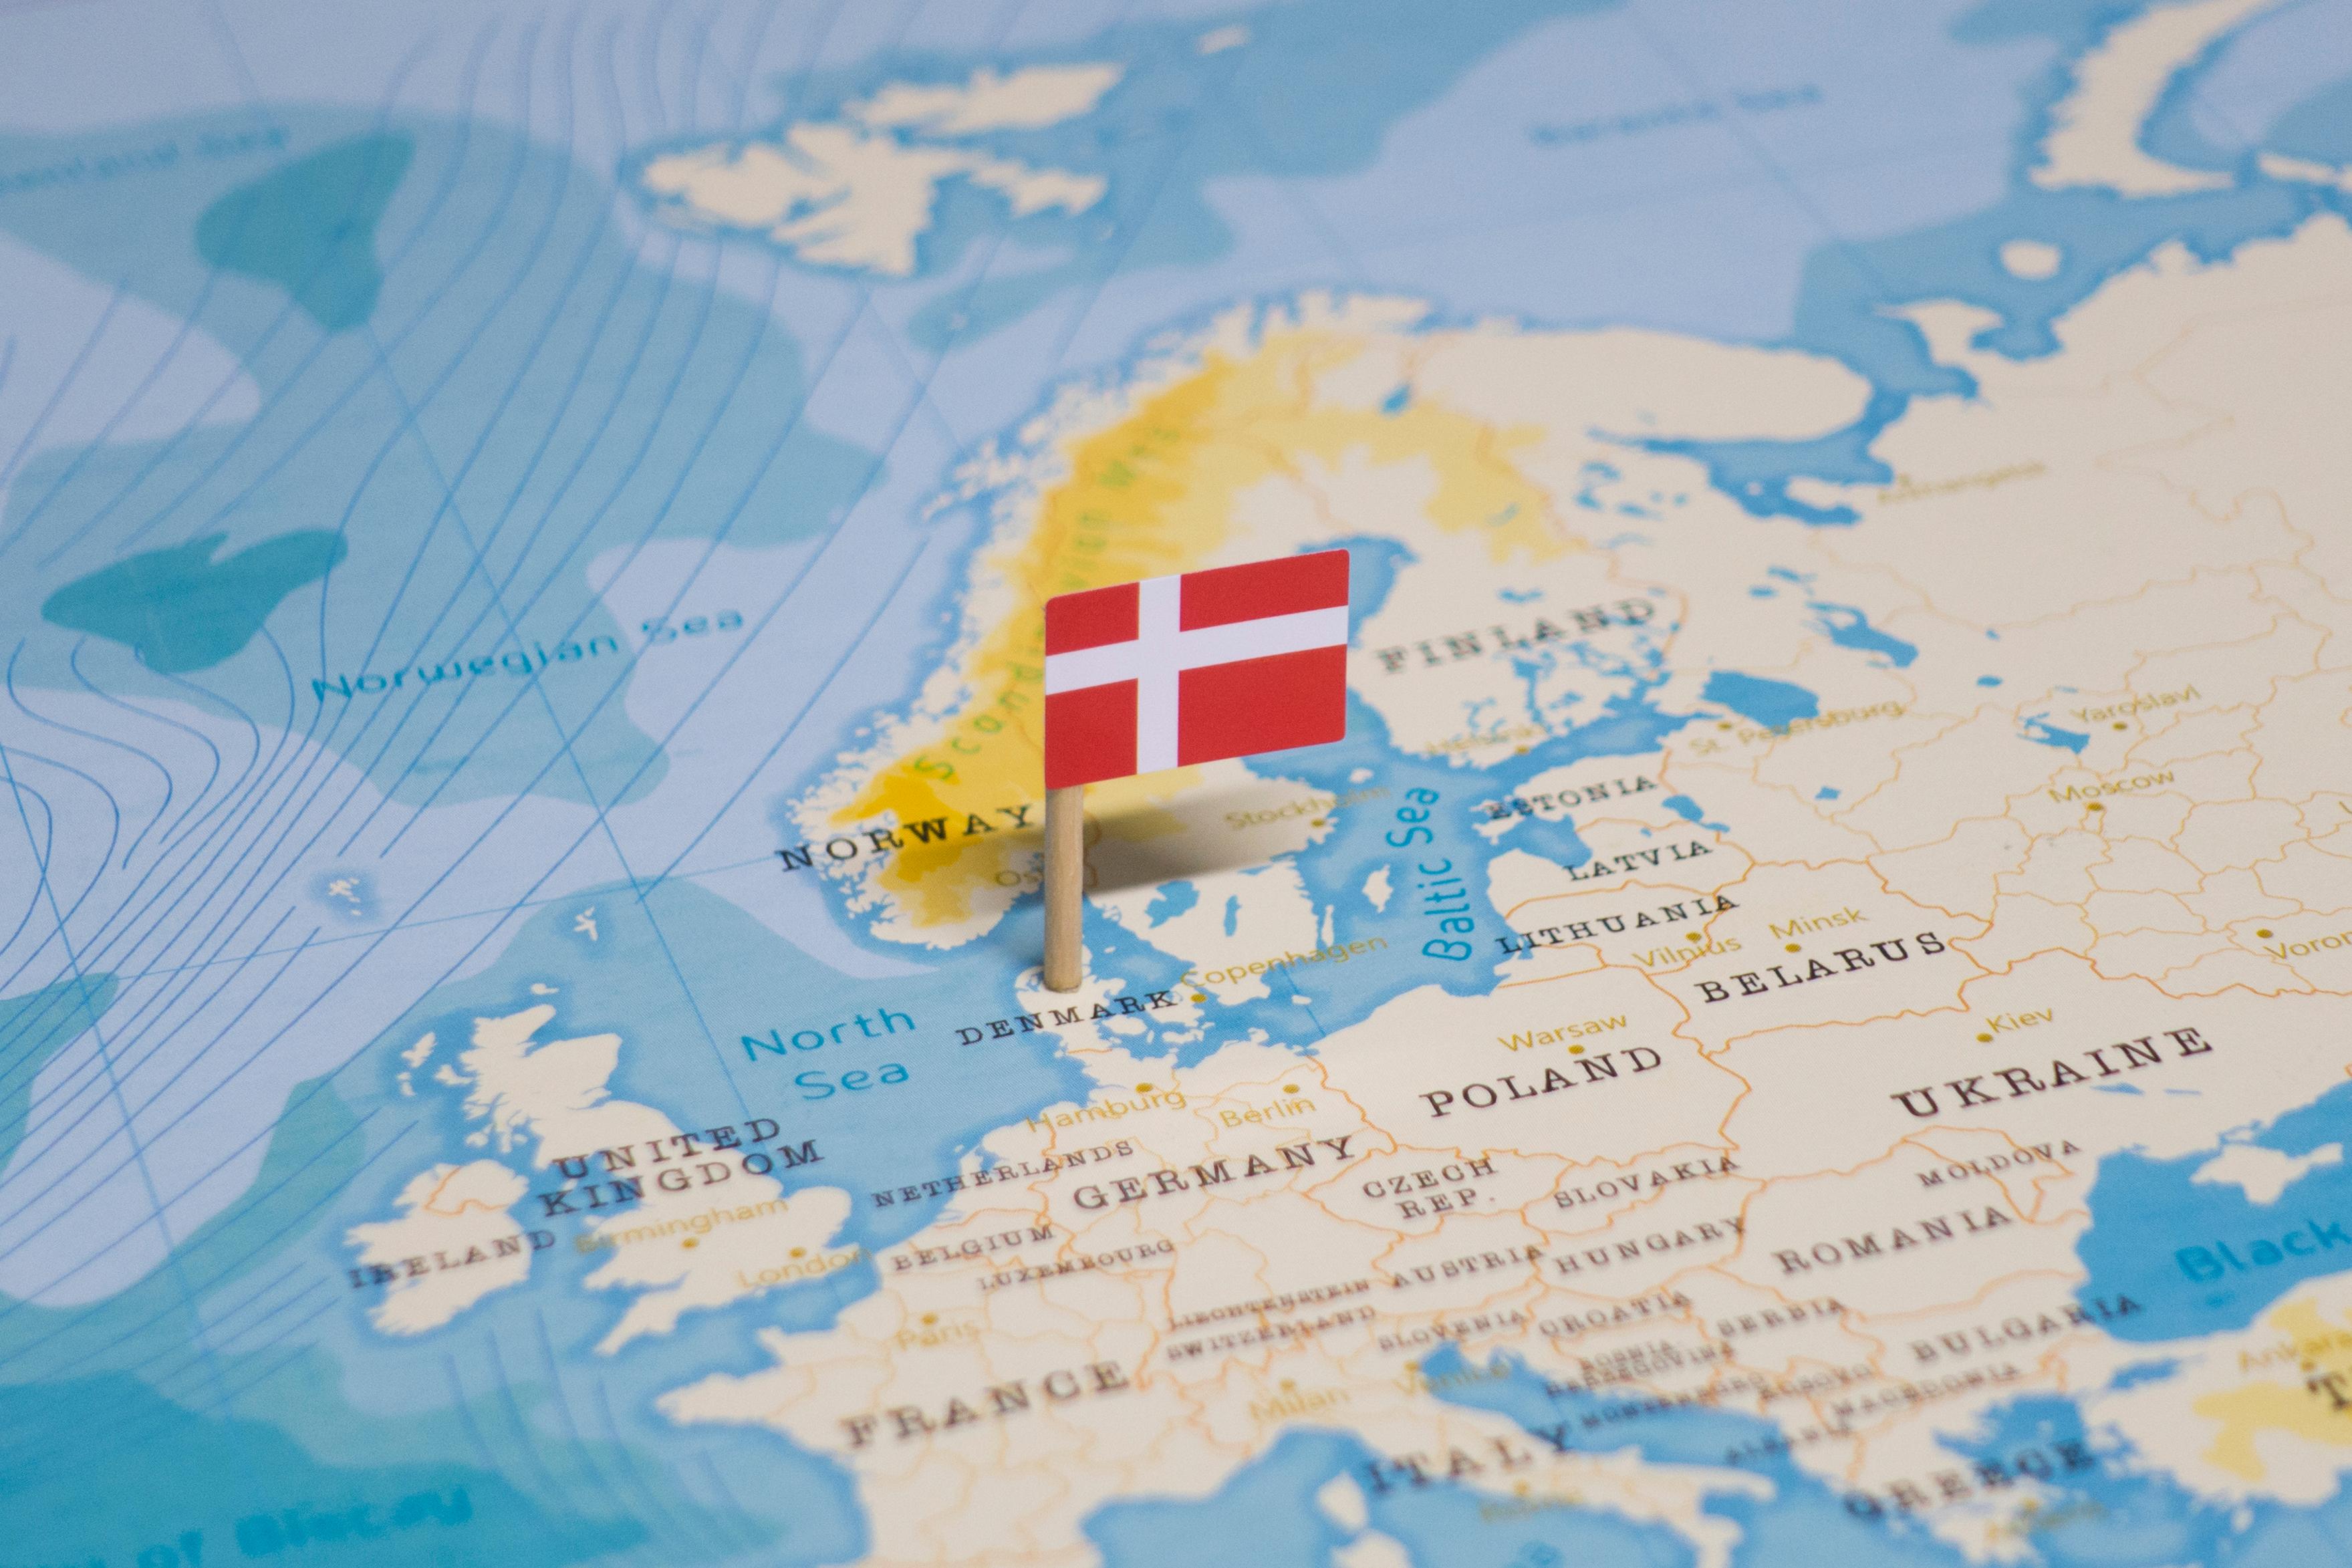 Флаг Дании, ВНЖ которой могут получить мигранты из России, Беларуси и Украины